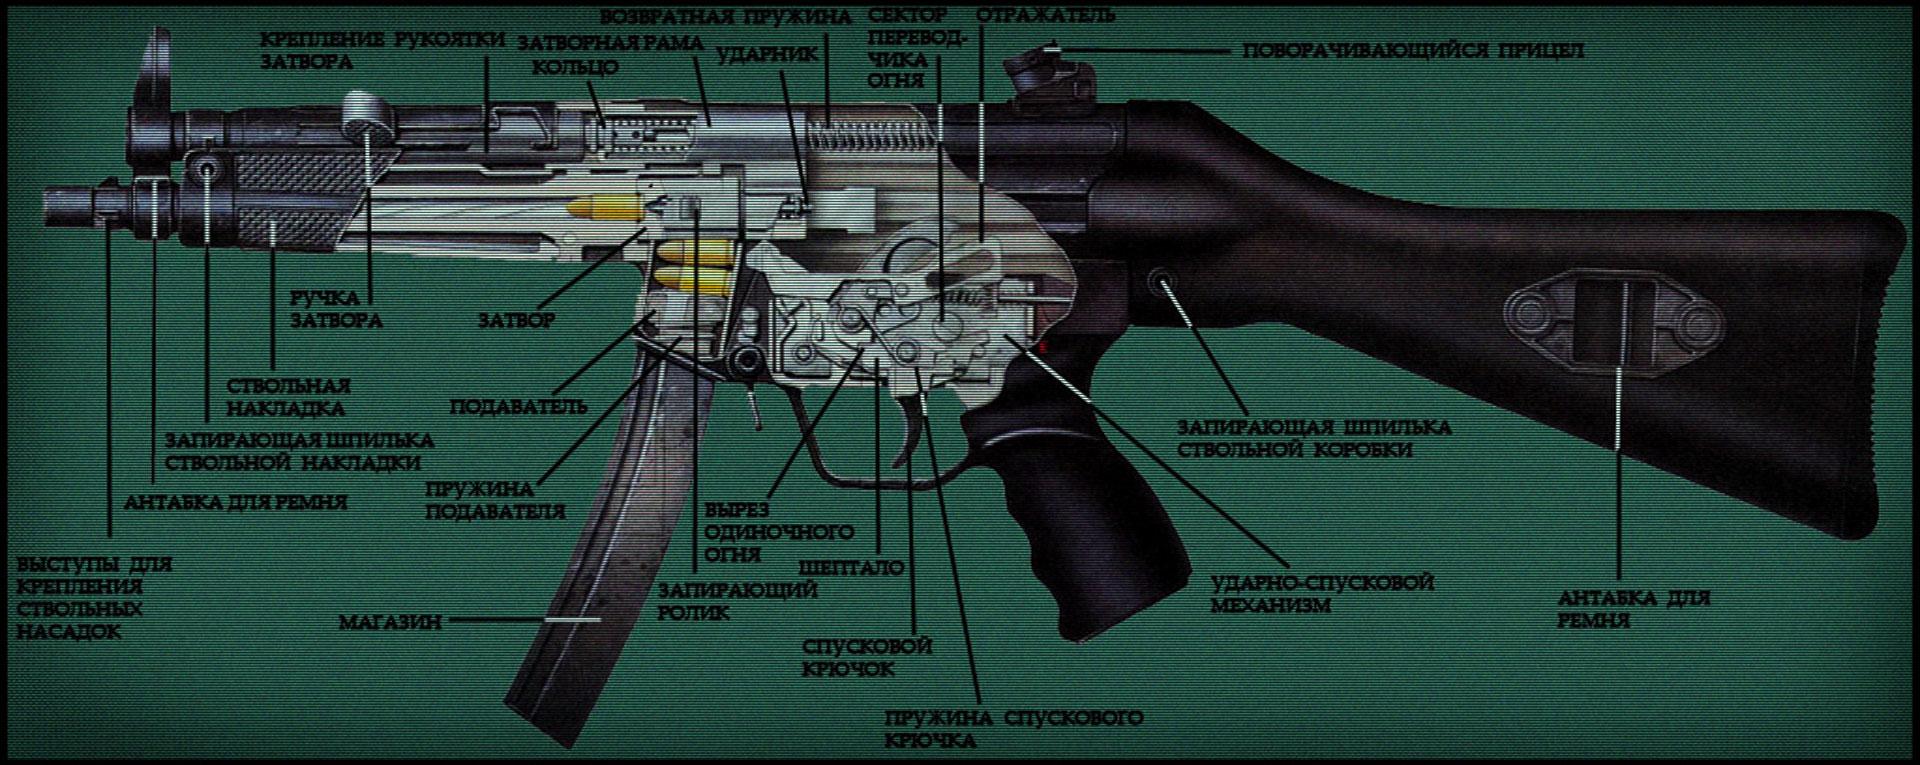 Основные части ПП MP5